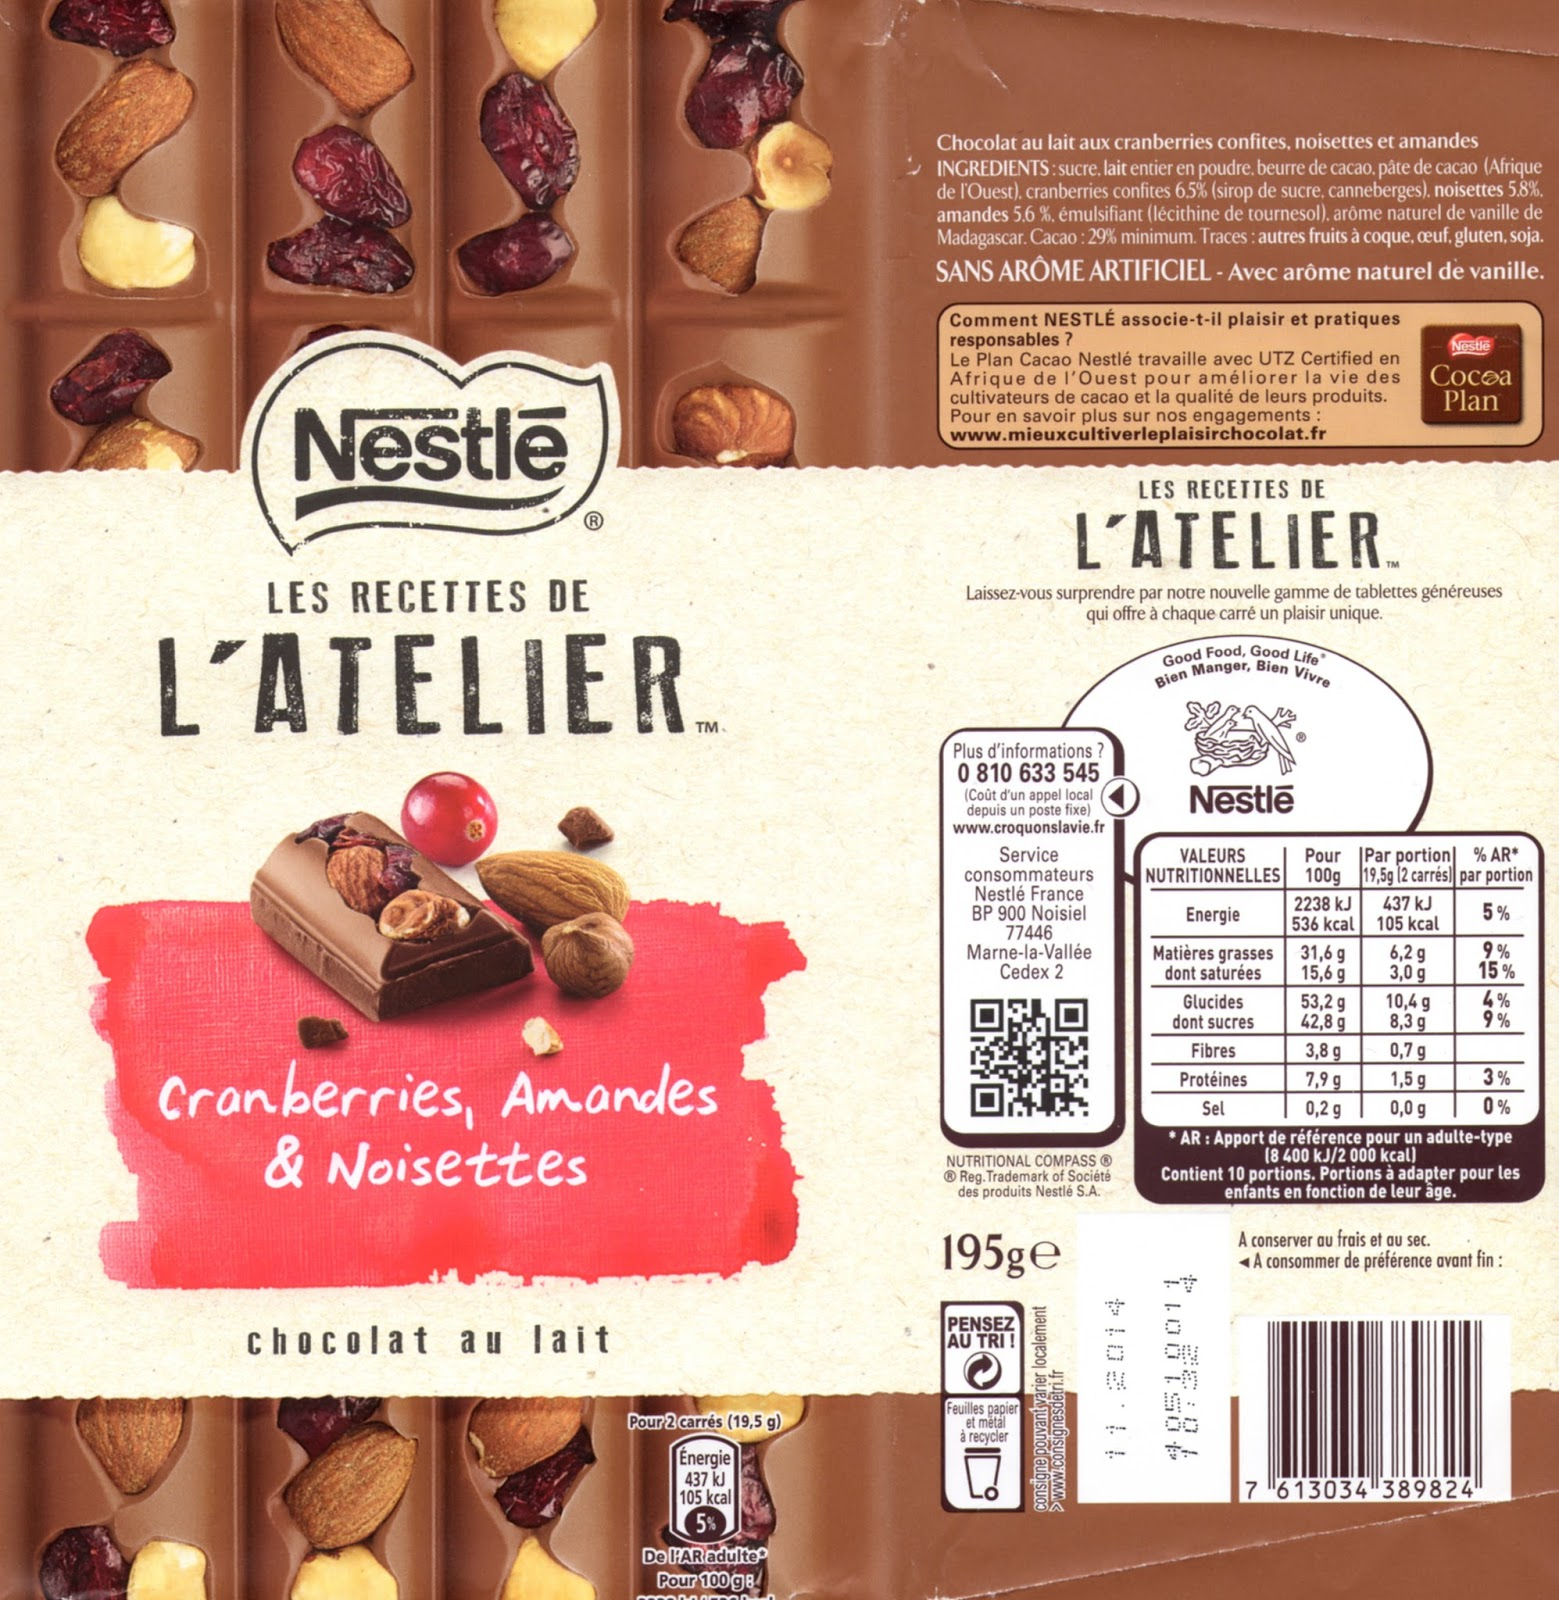 tablette de chocolat lait gourmand nestlé les recettes de l'atelier cranberries amandes & noisettes